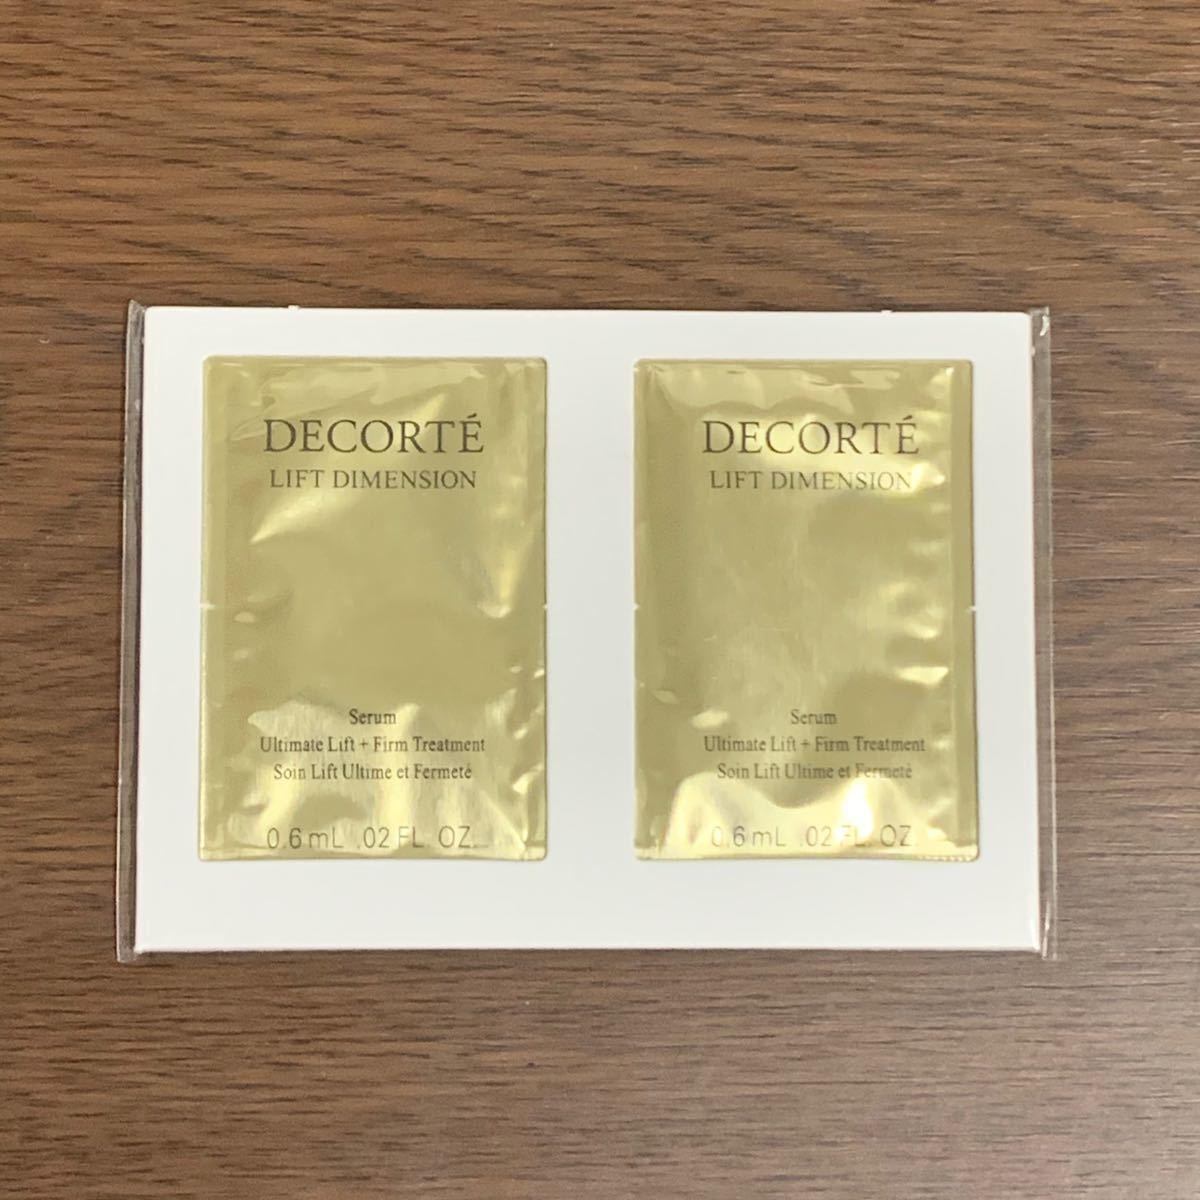 マキアージュ ドラマティックスタイリングアイズD BR613トリュフチョコレート